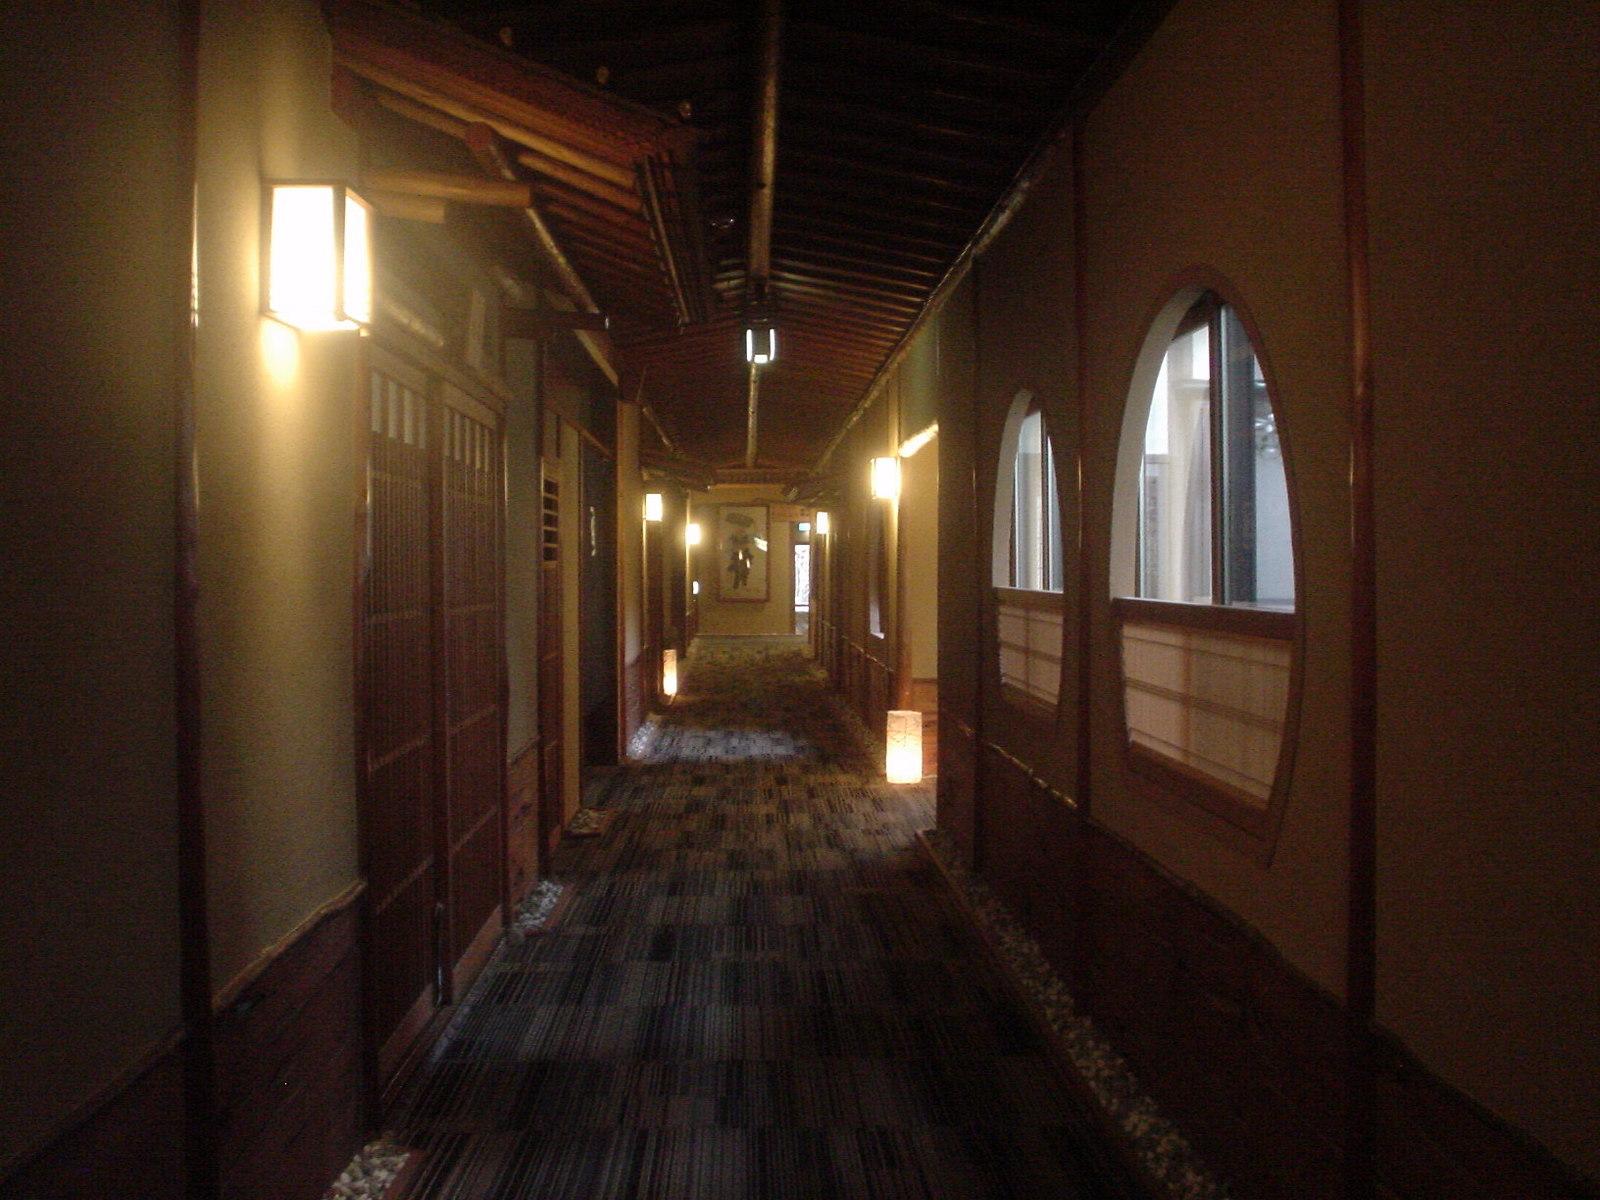 いくつもの離れ部屋が廊下で繋がっています